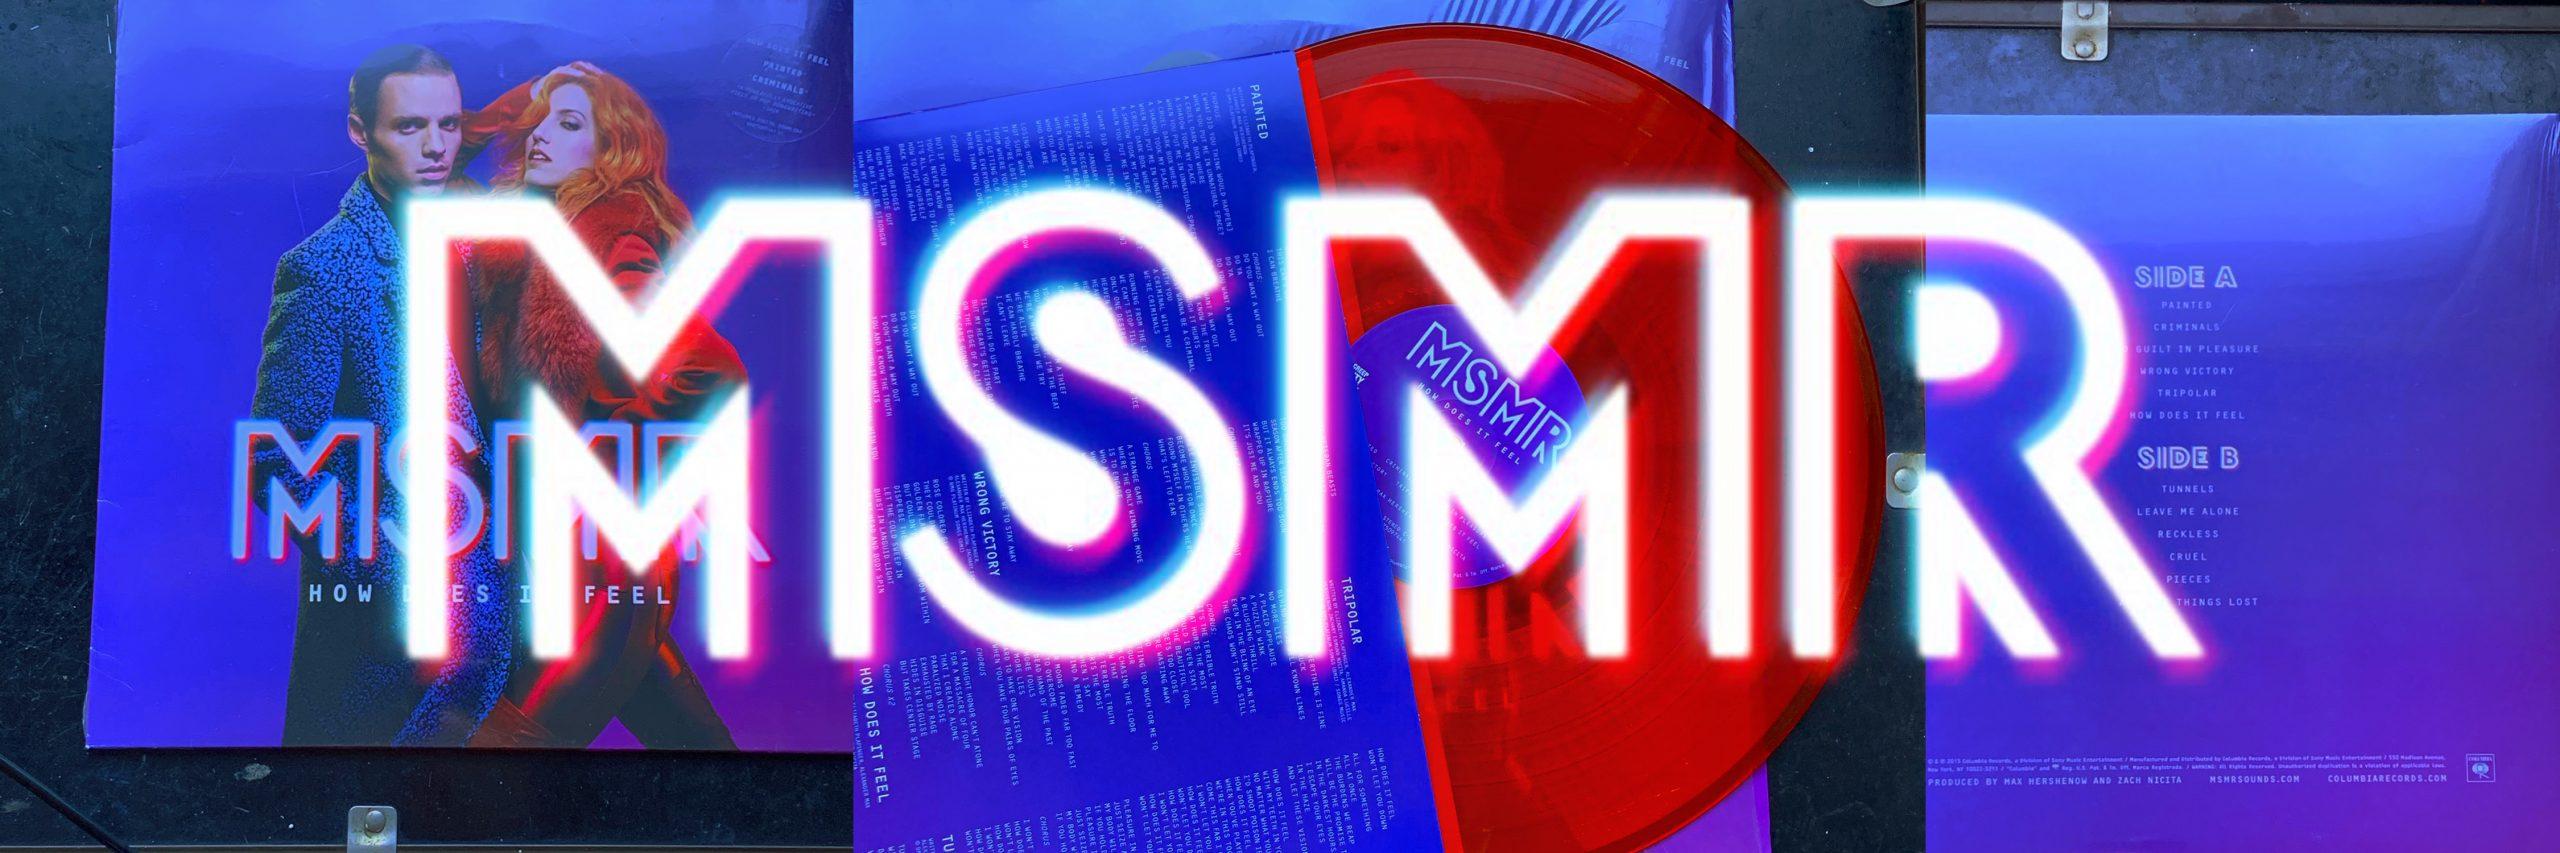 MSMR_CD_1